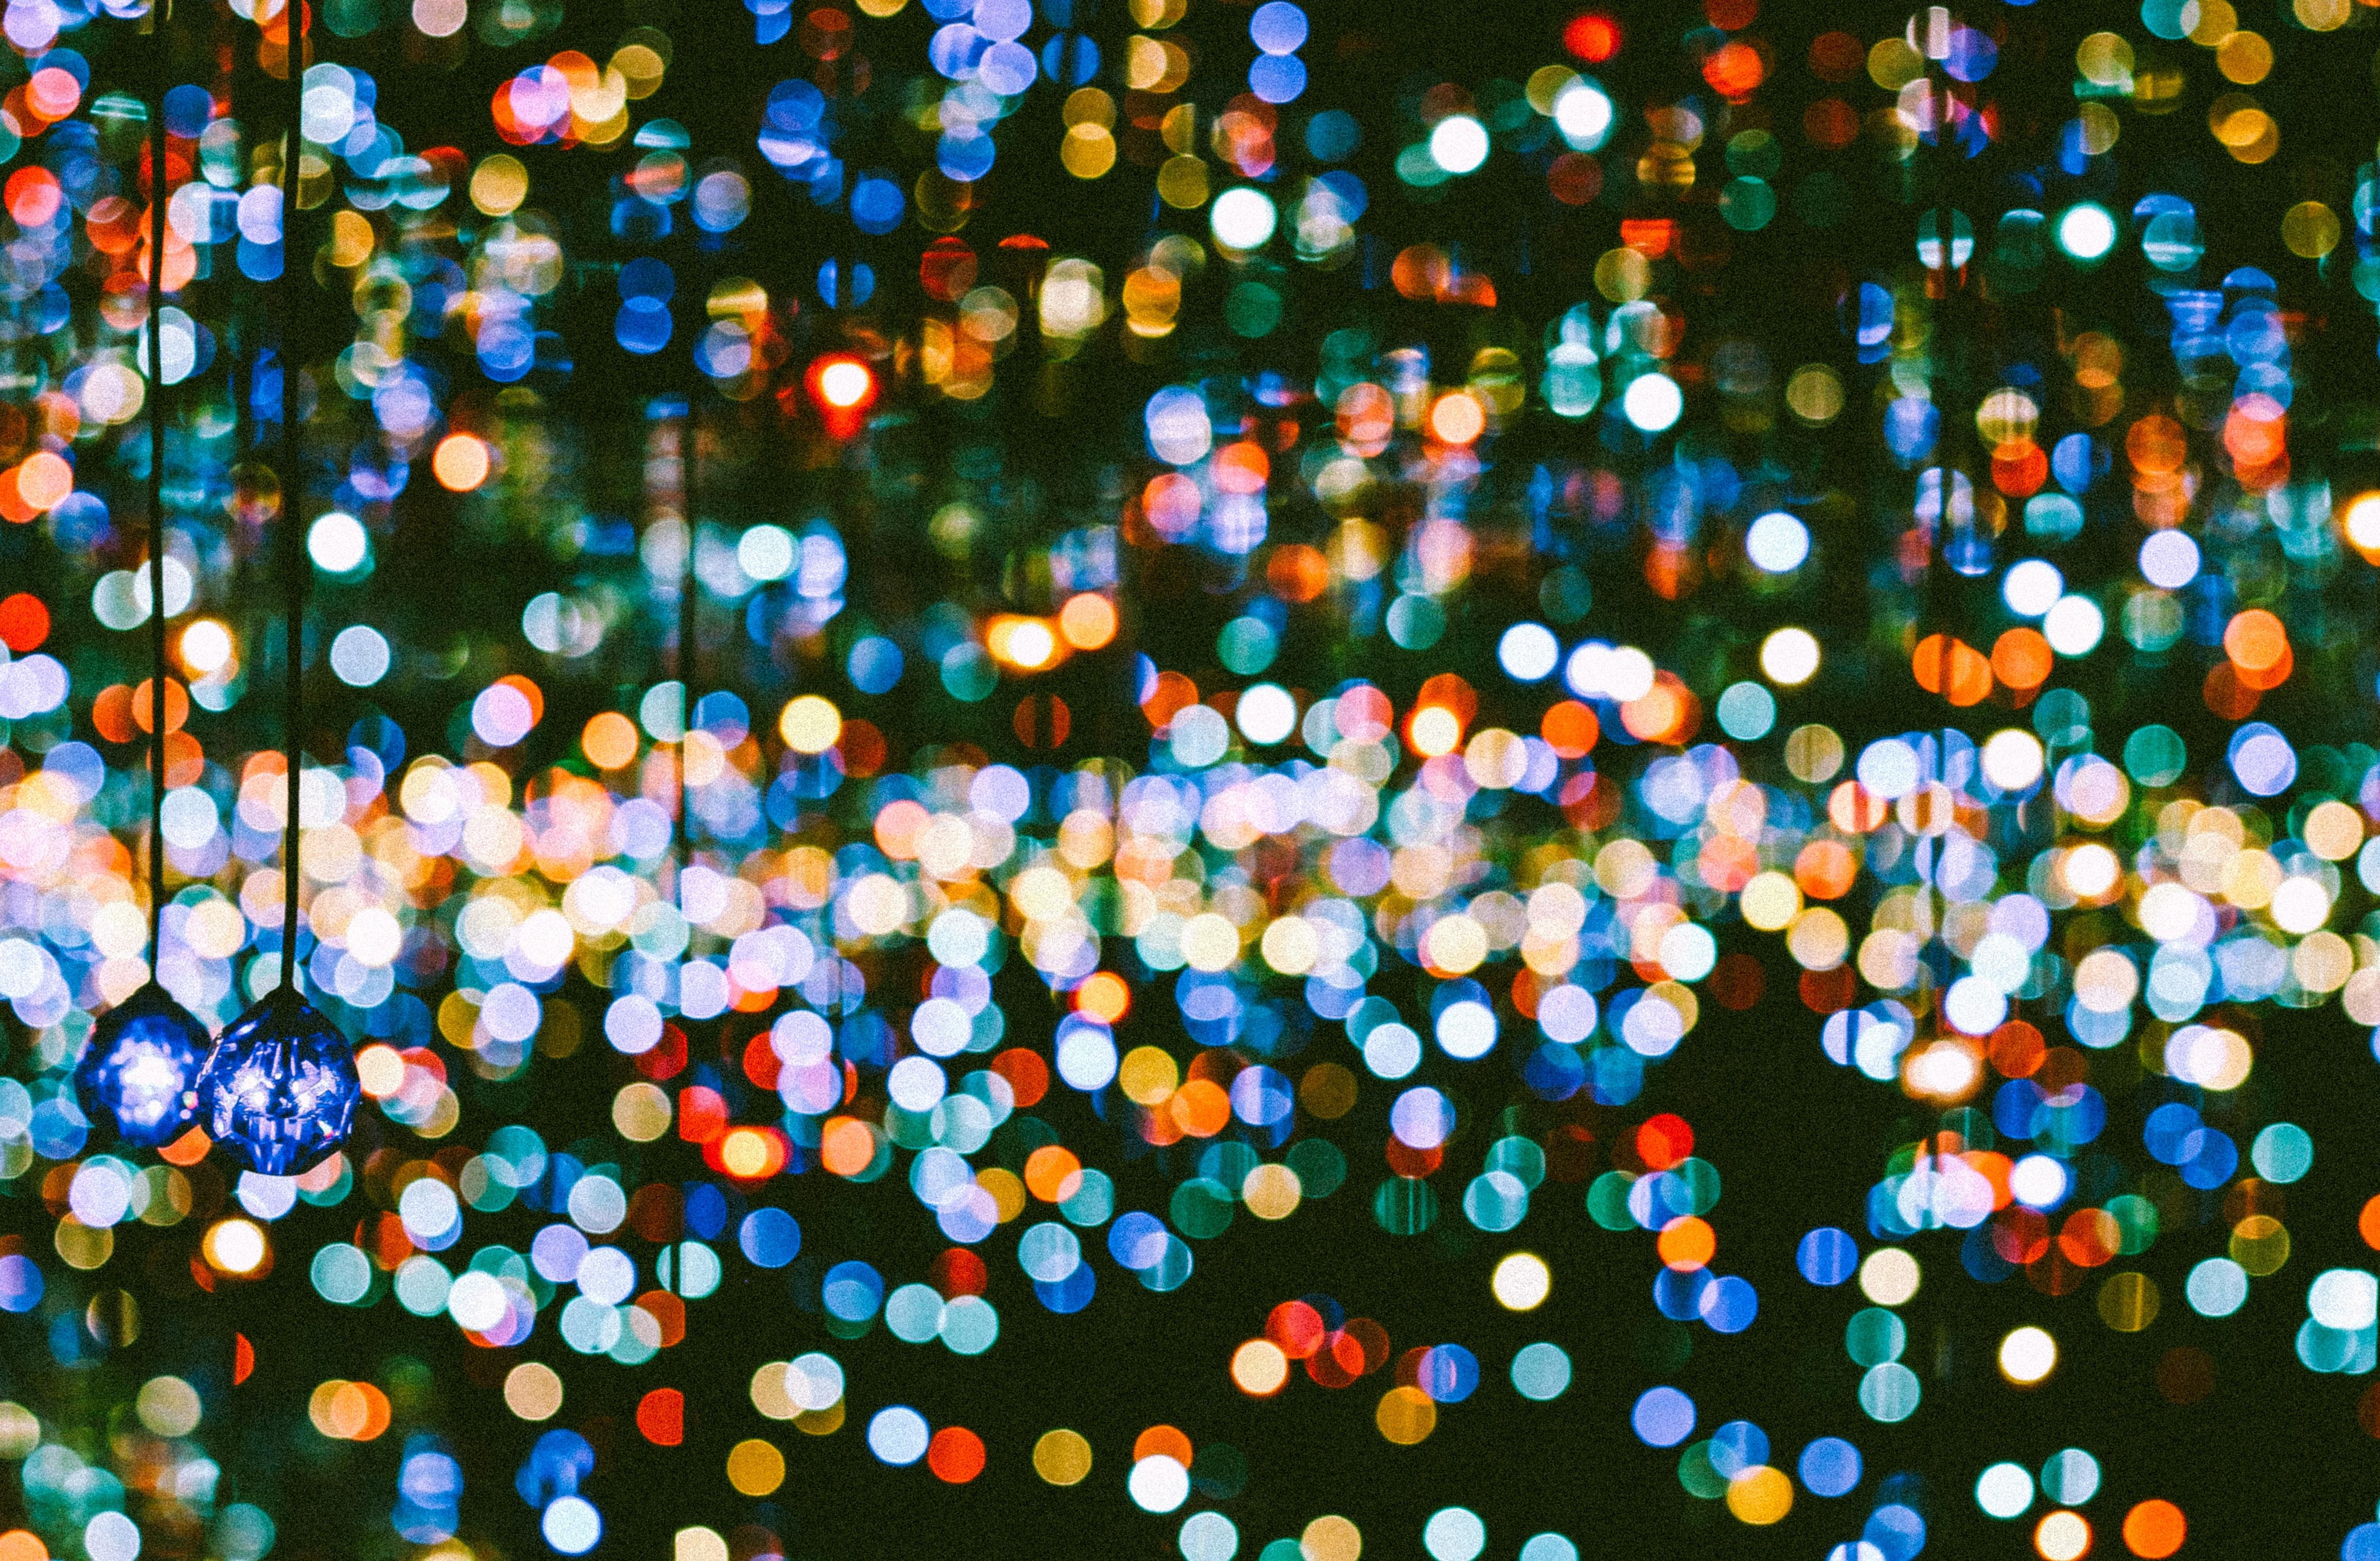 blue hanging lights